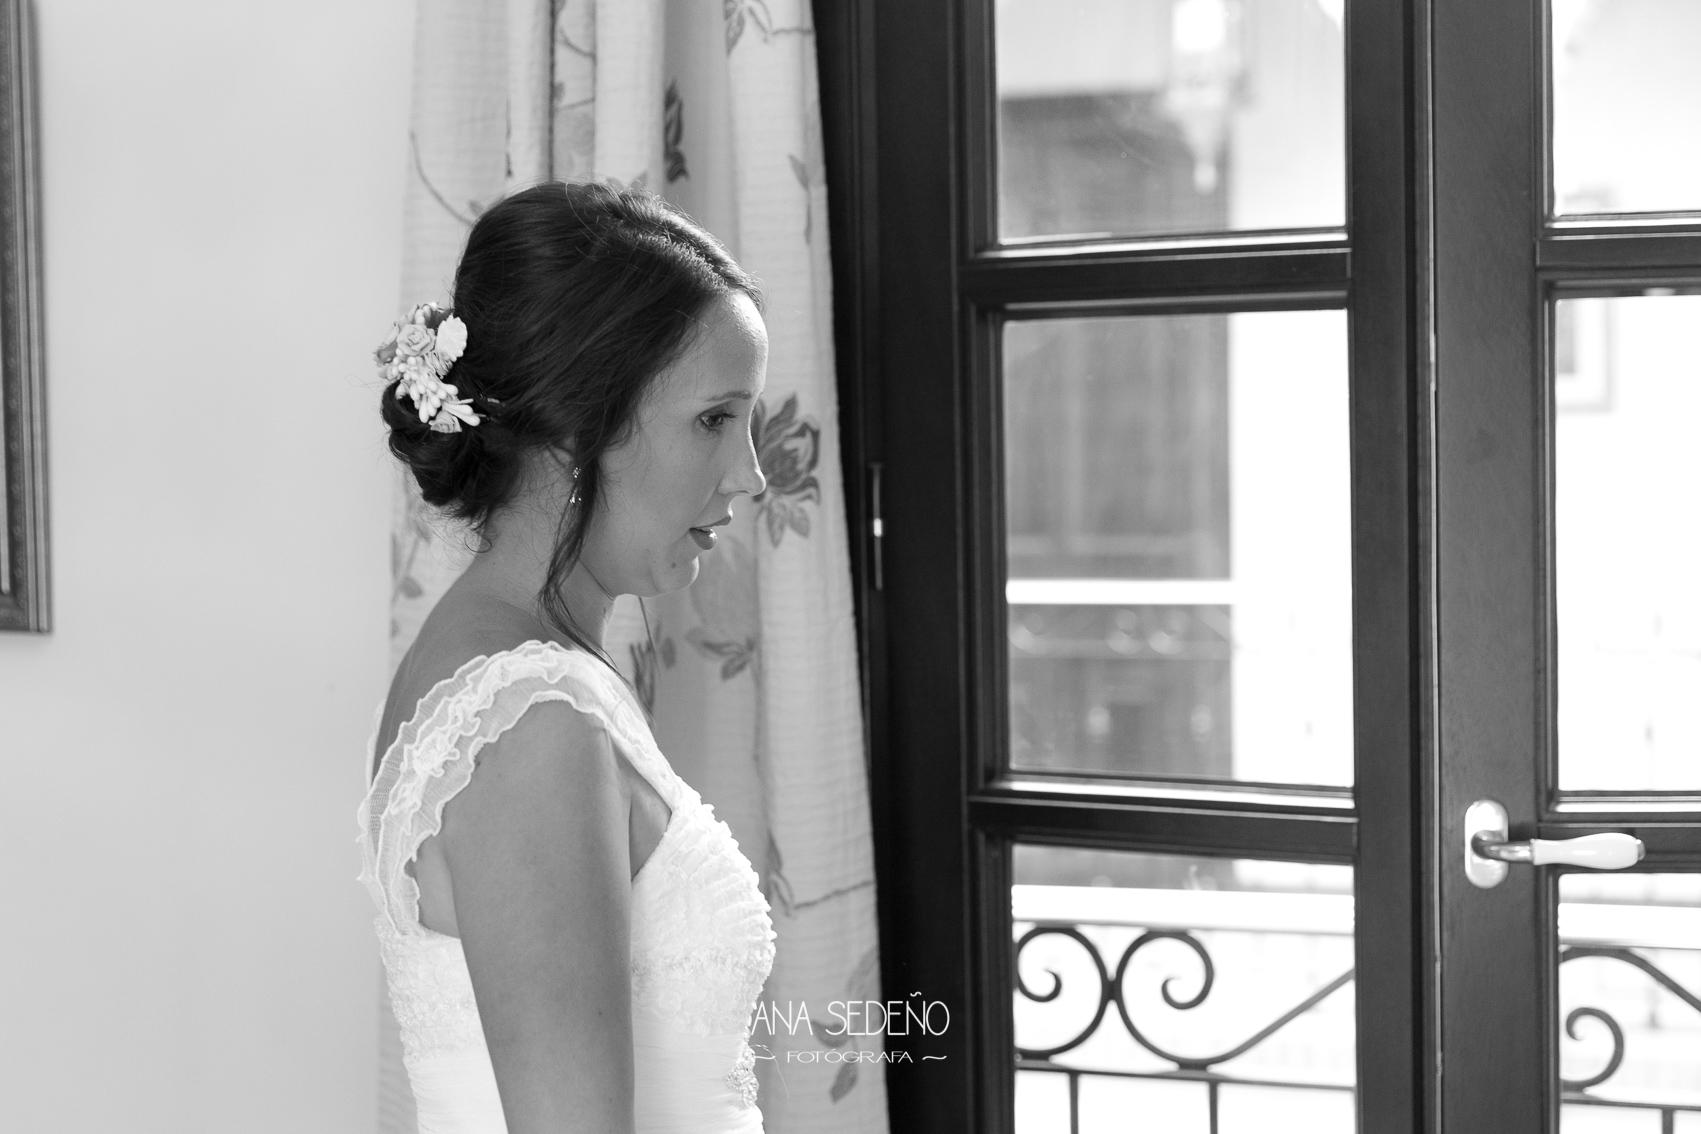 Ana Sedeño Fotografa.-BL & B-0349